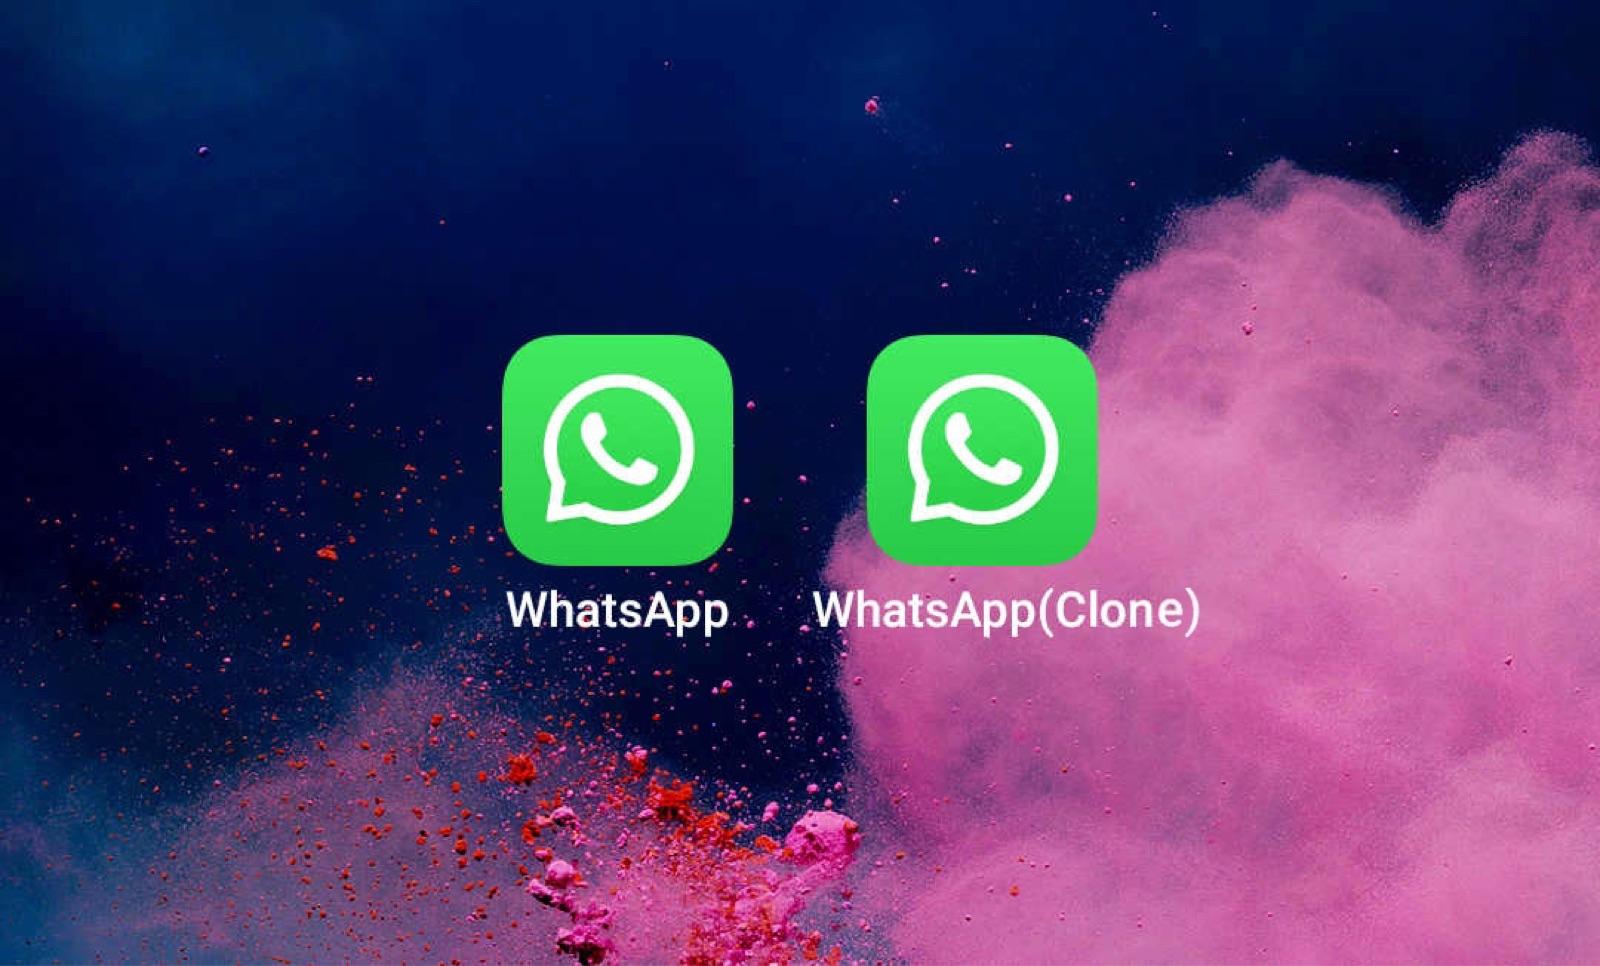 دو واتساپ در یک گوشی